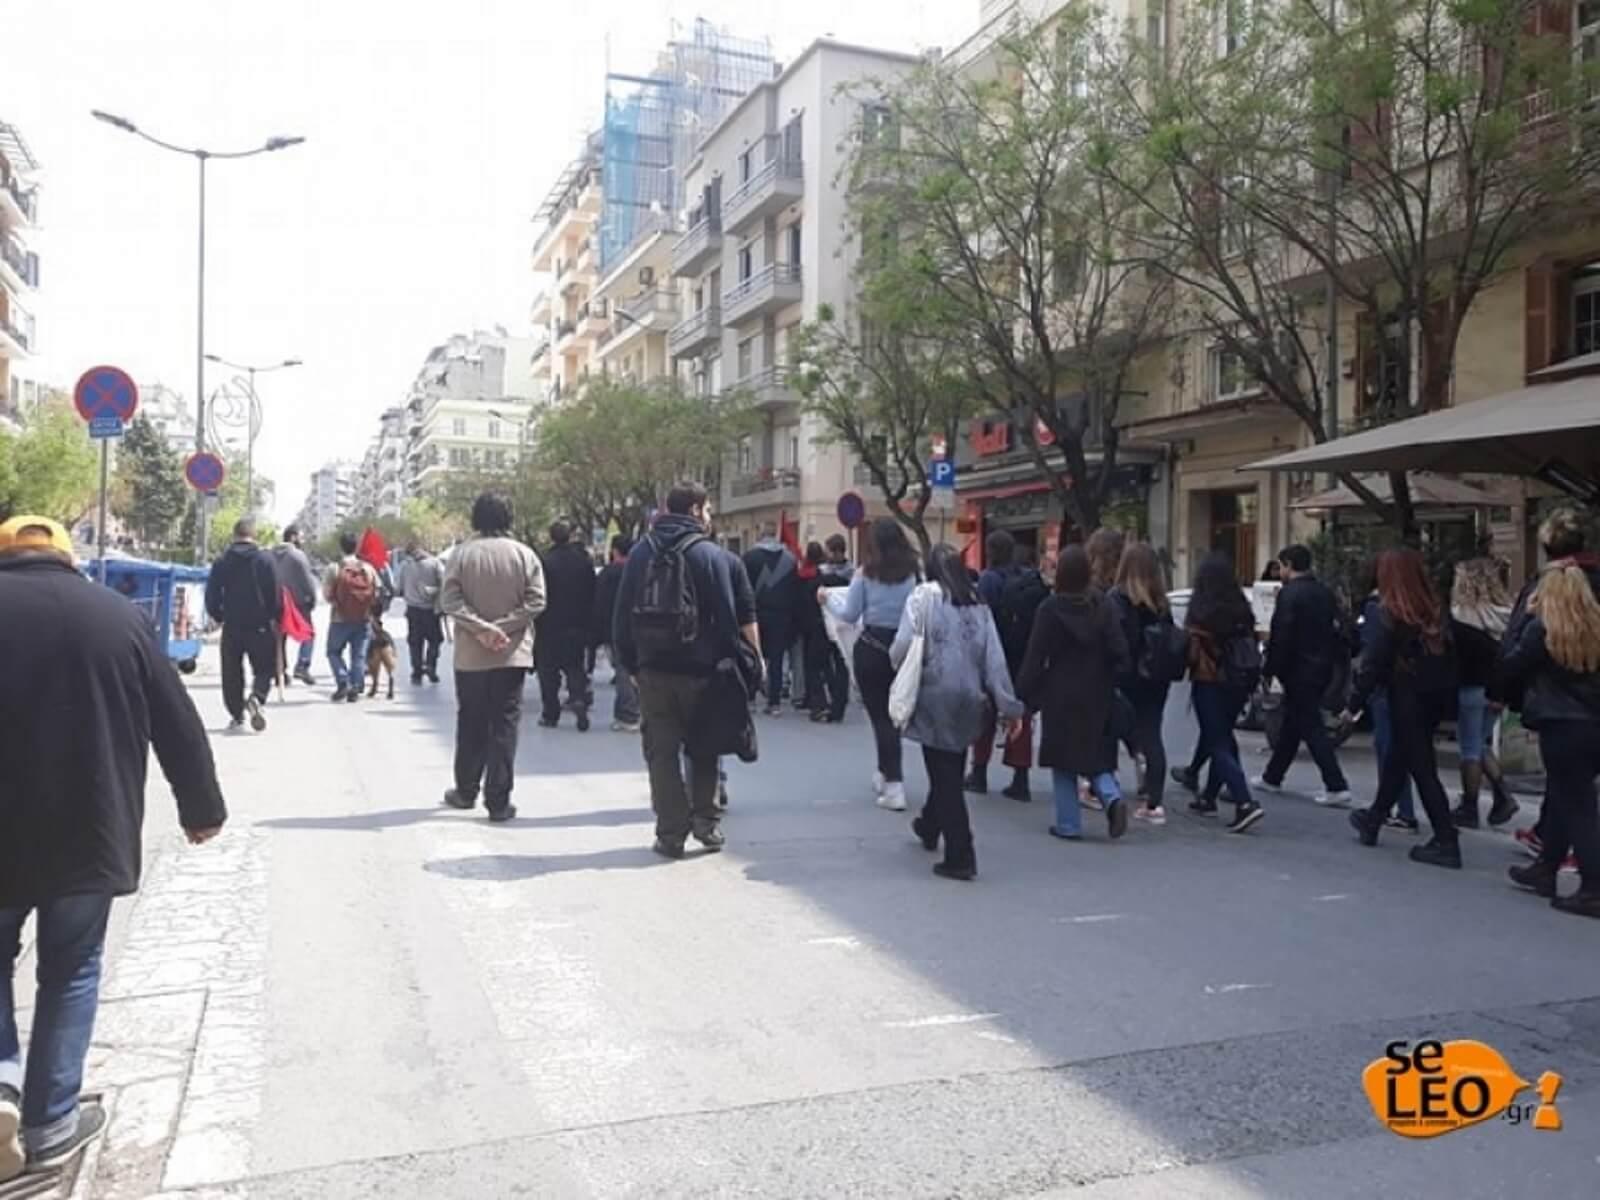 Θεσσαλονίκη: Πορείες φοιτητών κατά του νομοσχεδίου του υπουργείου Παιδείας